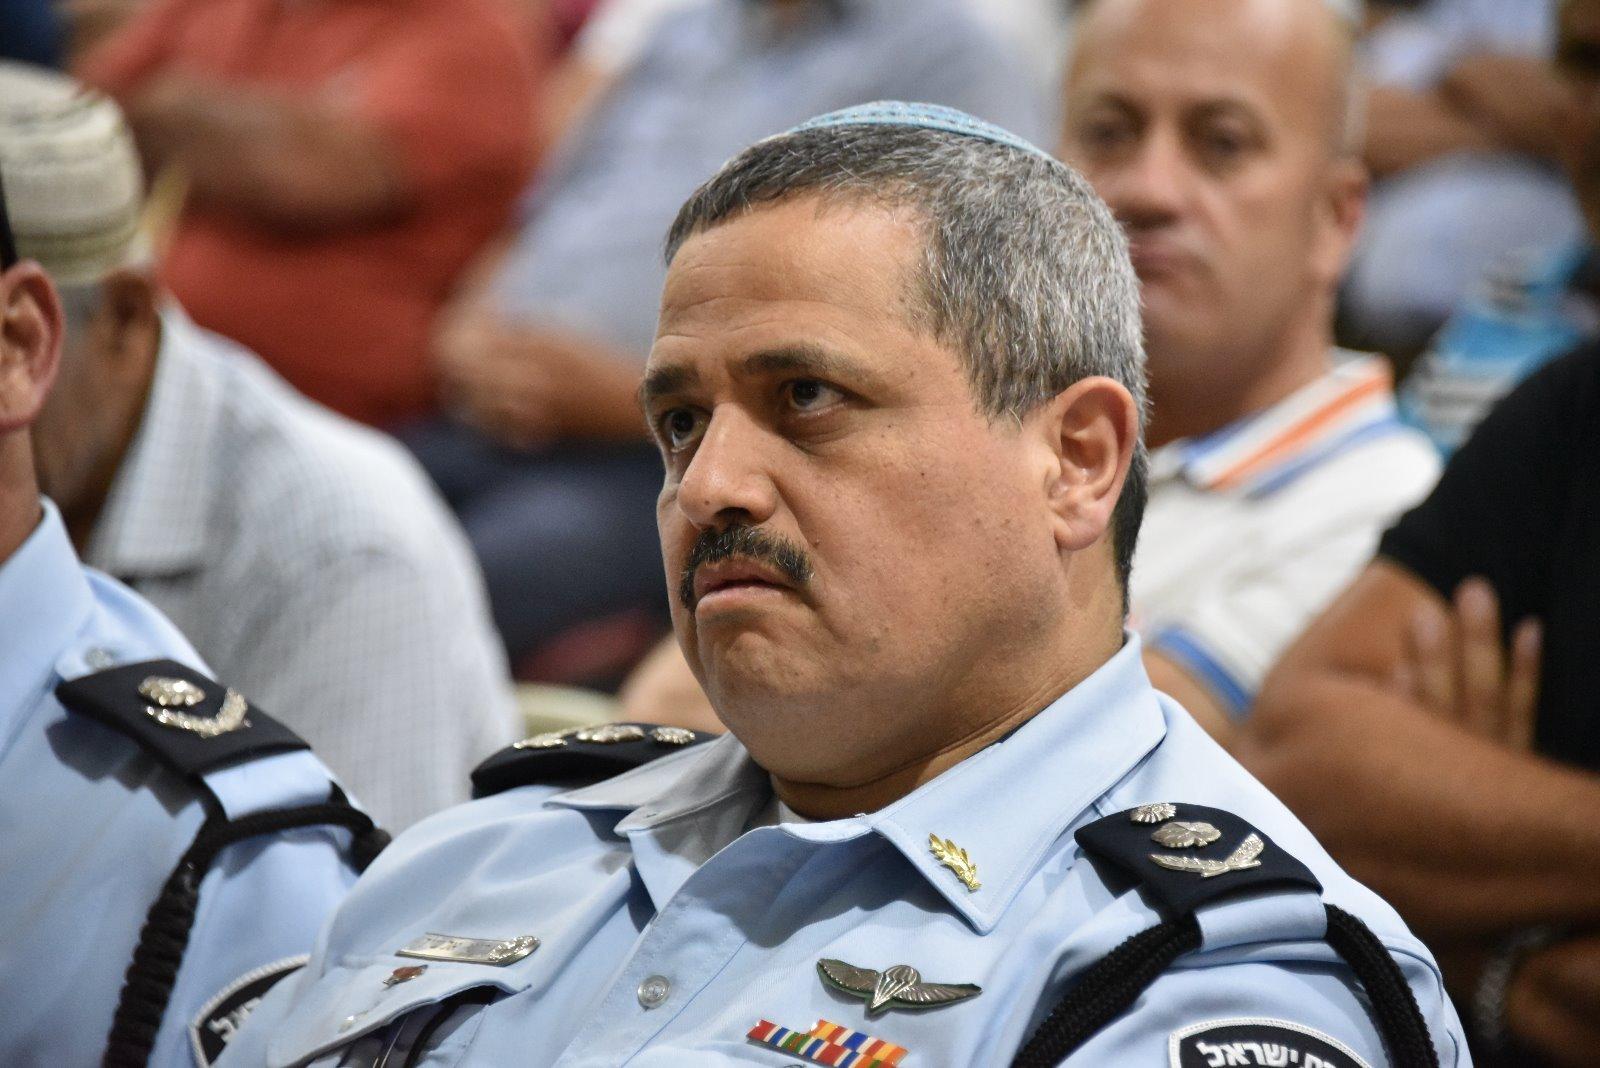 المفتش العام للشرطة روني الشيخ يزور الشبلي أم الغنم .. مناهضة العنف على رأس المواضيع